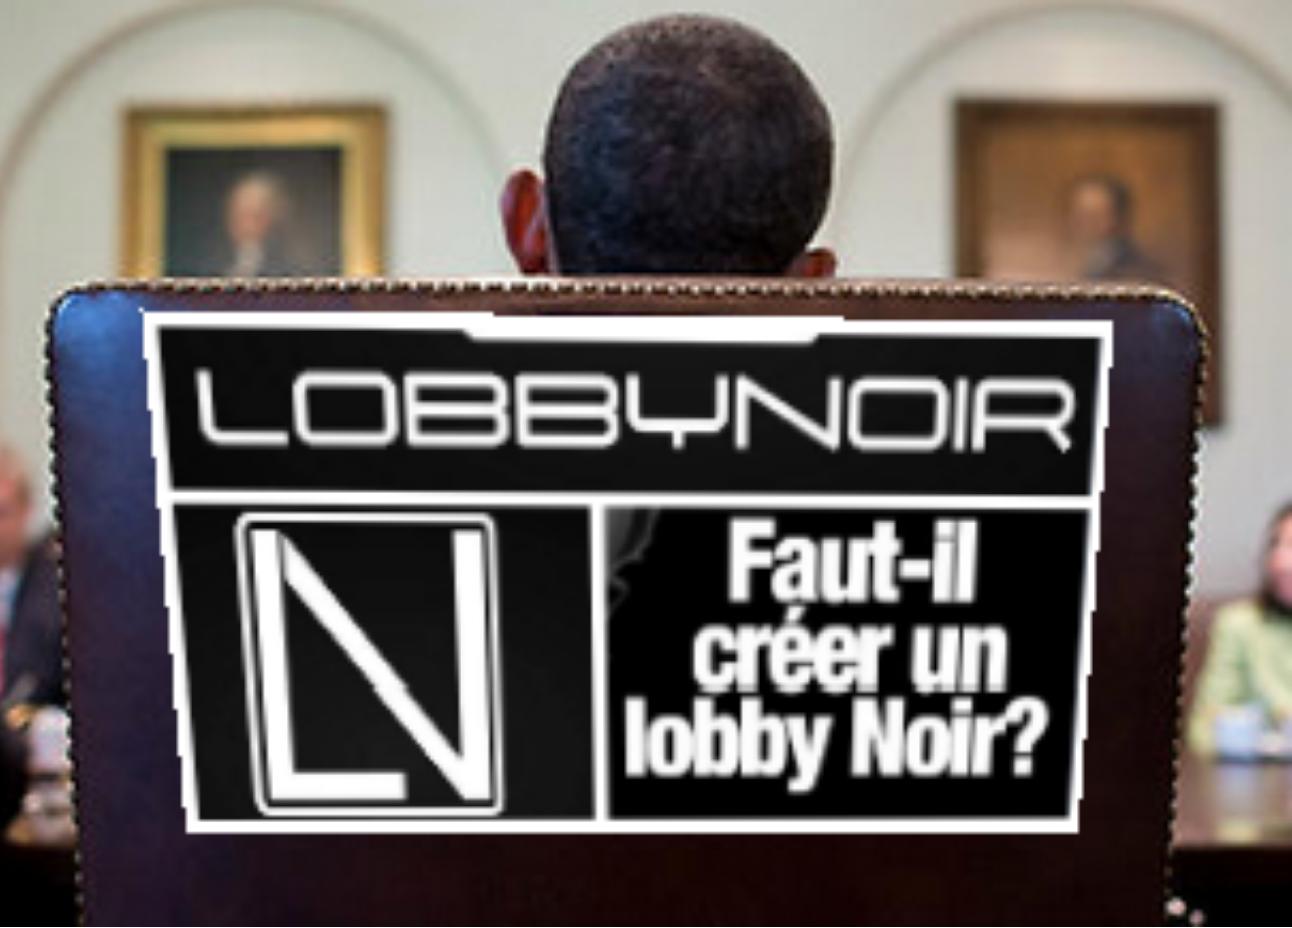 Lobby noir